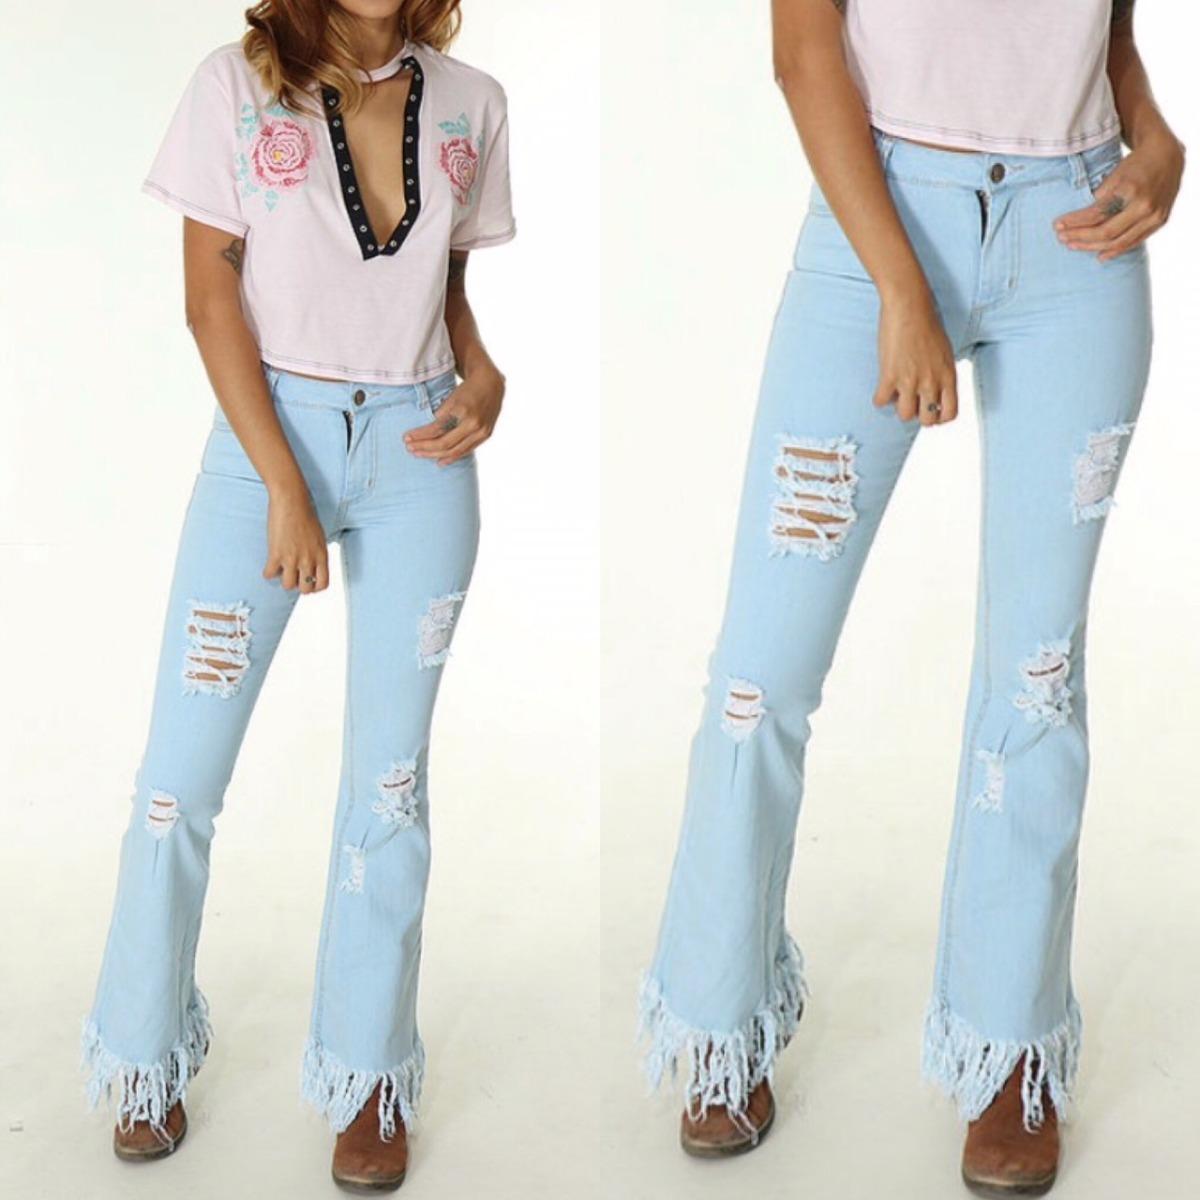 fbc3e7278de calça jeans flare lady rock barra desfiada. Carregando zoom.